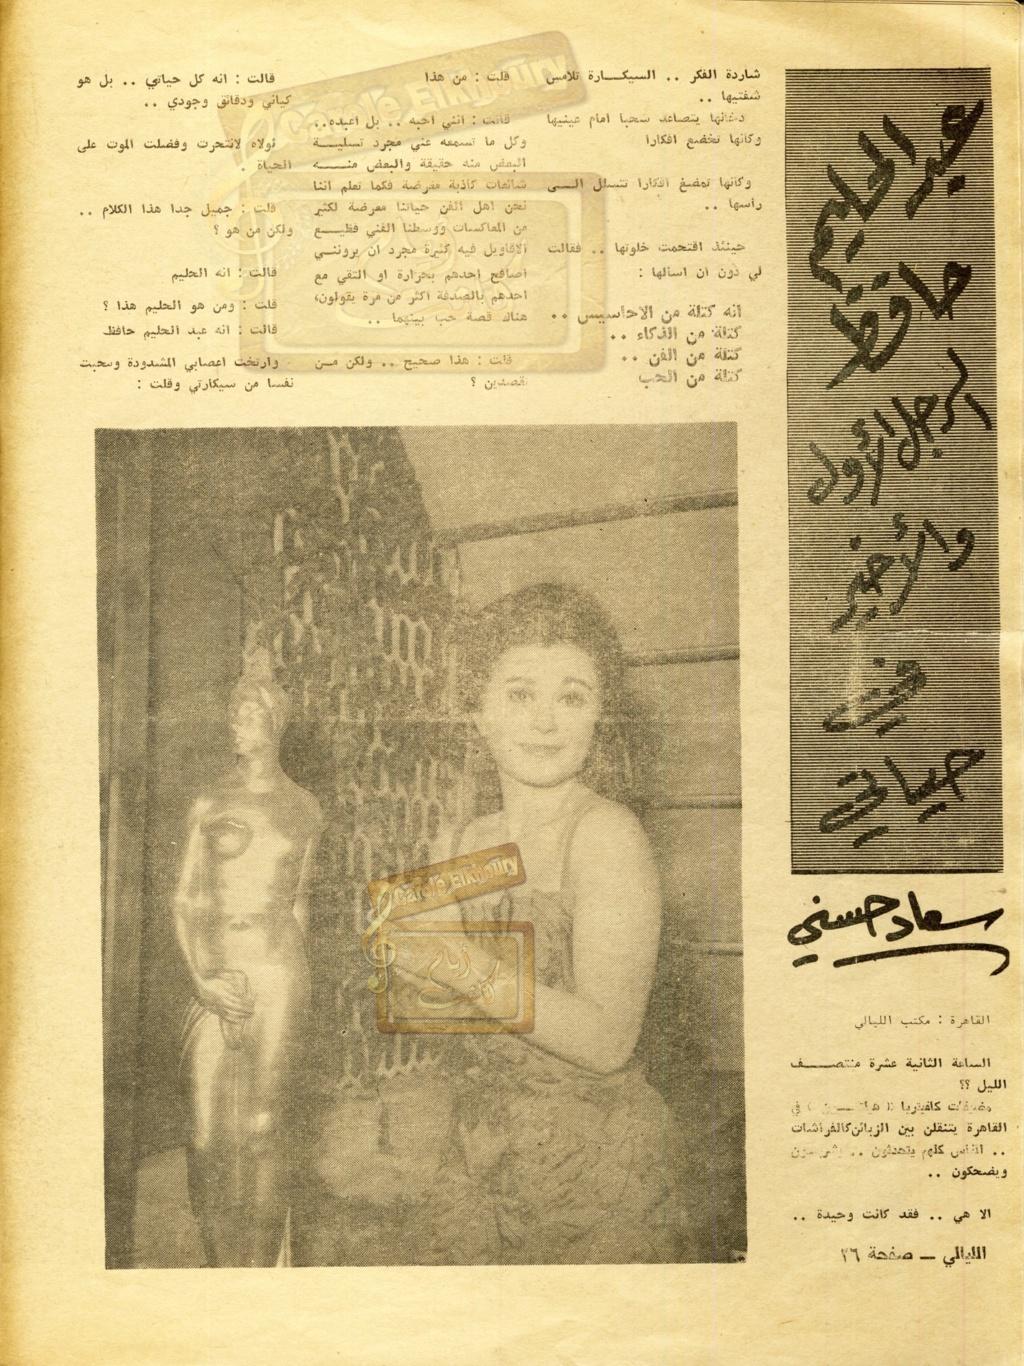 حوار صحفي : سعاد حسني .. عبدالحليم حافظ الرجل الأوّل والأخير في حياتي 1965 م 161